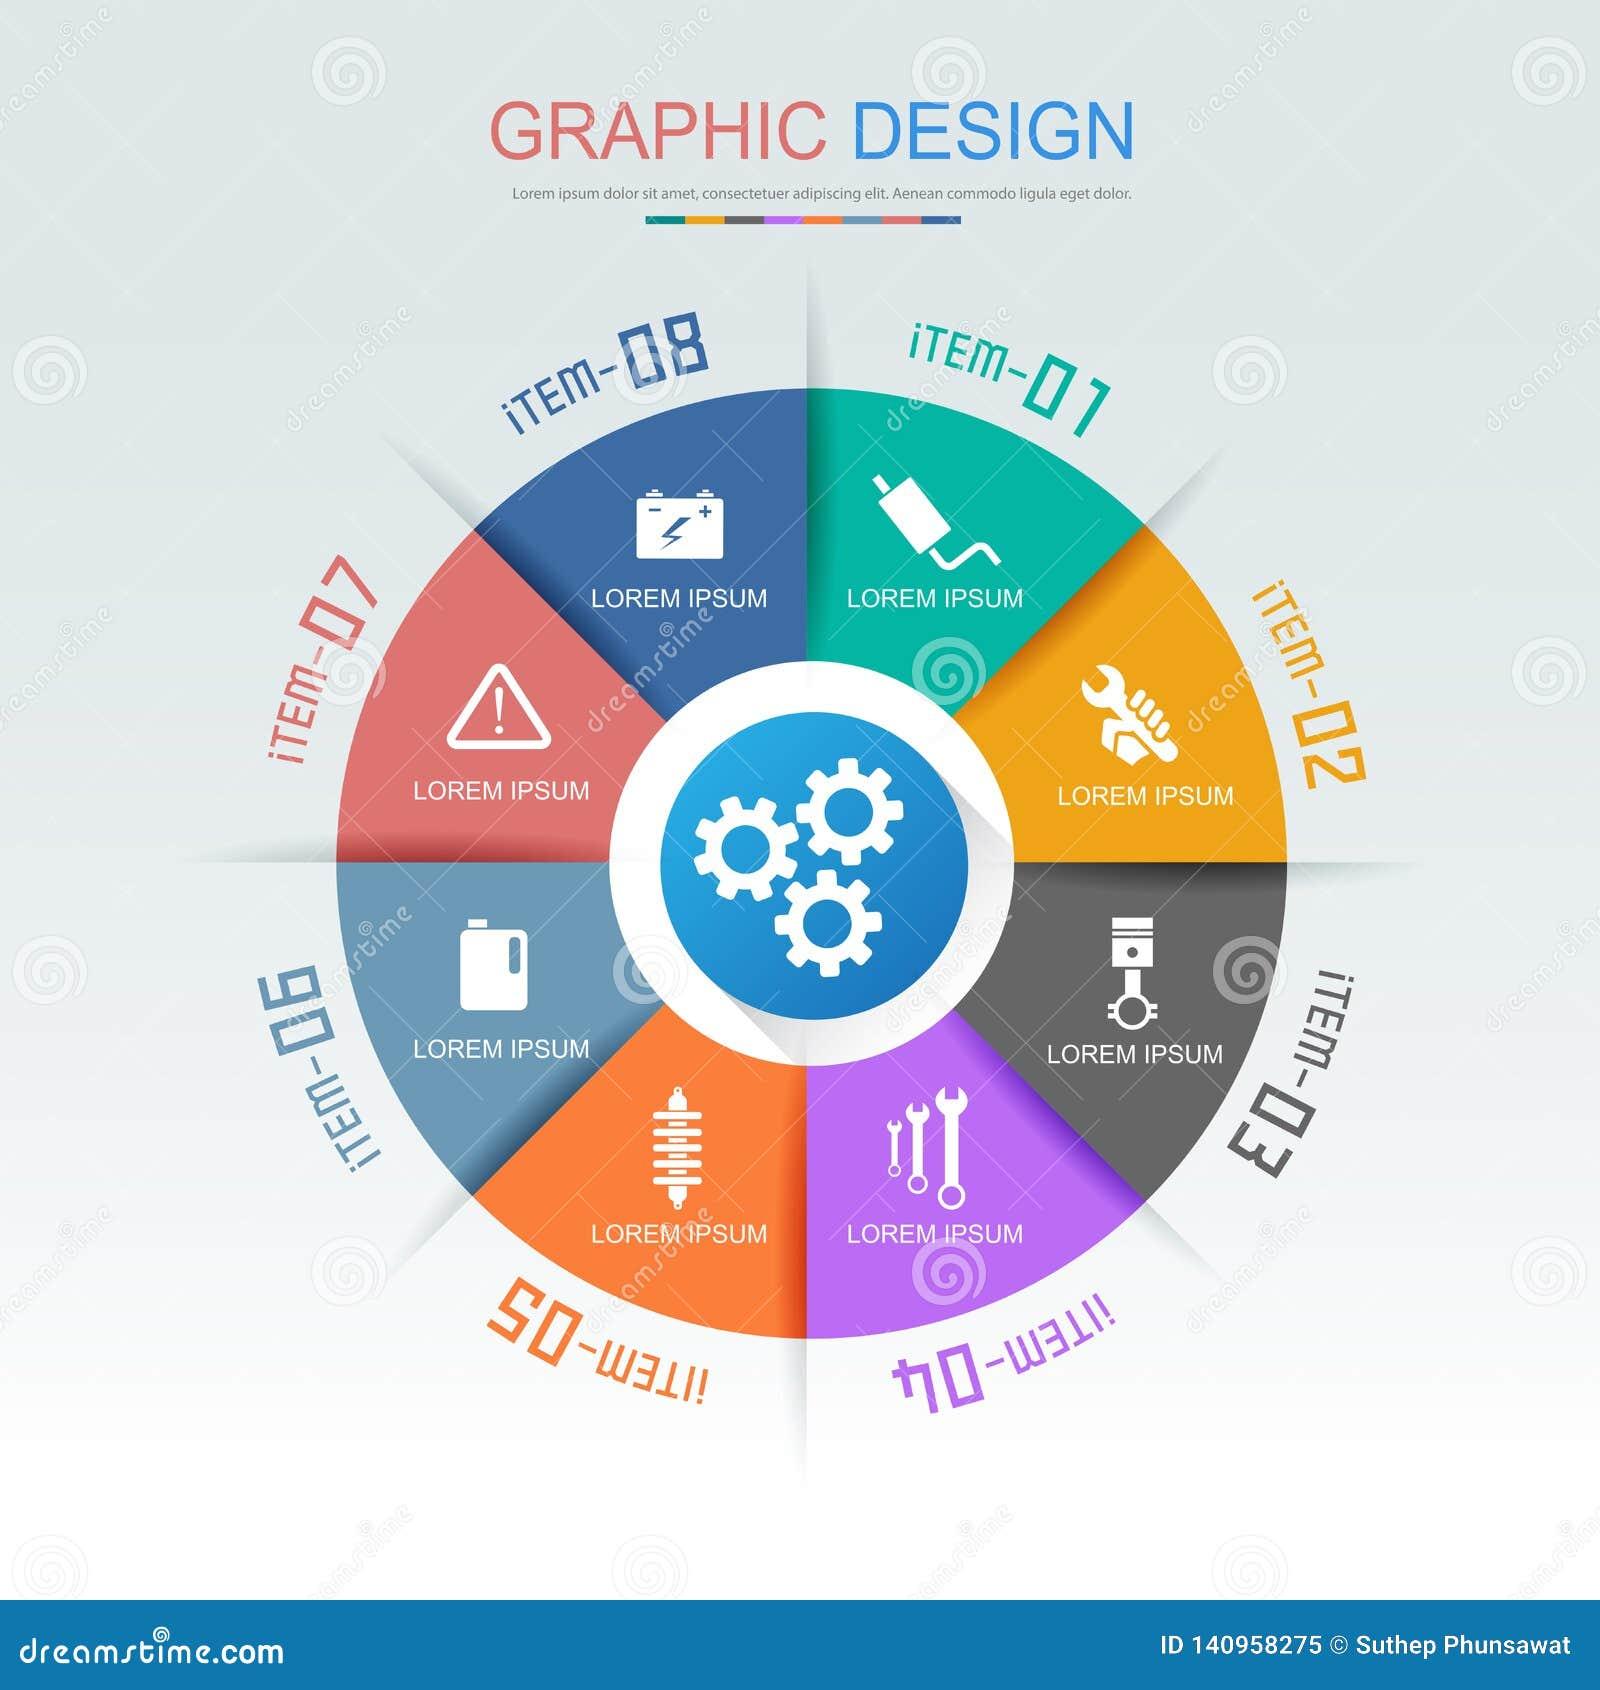 Τα στοιχεία Infographic κύκλων με το εικονίδιο υπηρεσιών αυτοκινήτων στο πλήρες υπόβαθρο χρώματος περιβάλλουν - επεξεργαστείτε το